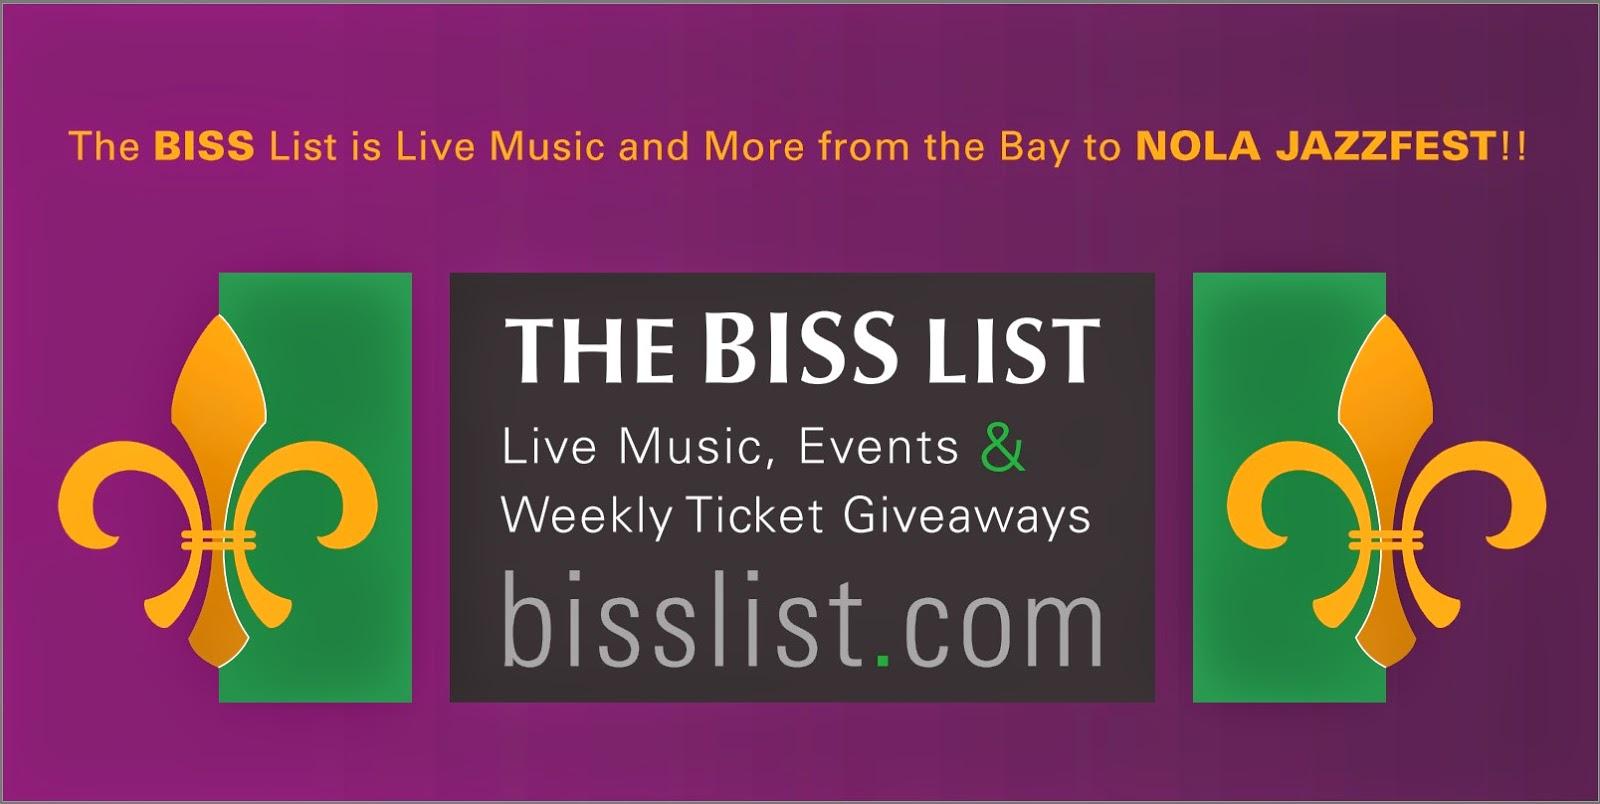 https://3.bp.blogspot.com/-1ixe9b6VmgA/U1g1nCbSQVI/AAAAAAAATPY/zeViGnhITYo/s1600/NOLA+BISS+Logo.jpg?utm_source=NOLA2019BISS&utm_campaign=BISS+List&utm_medium=email